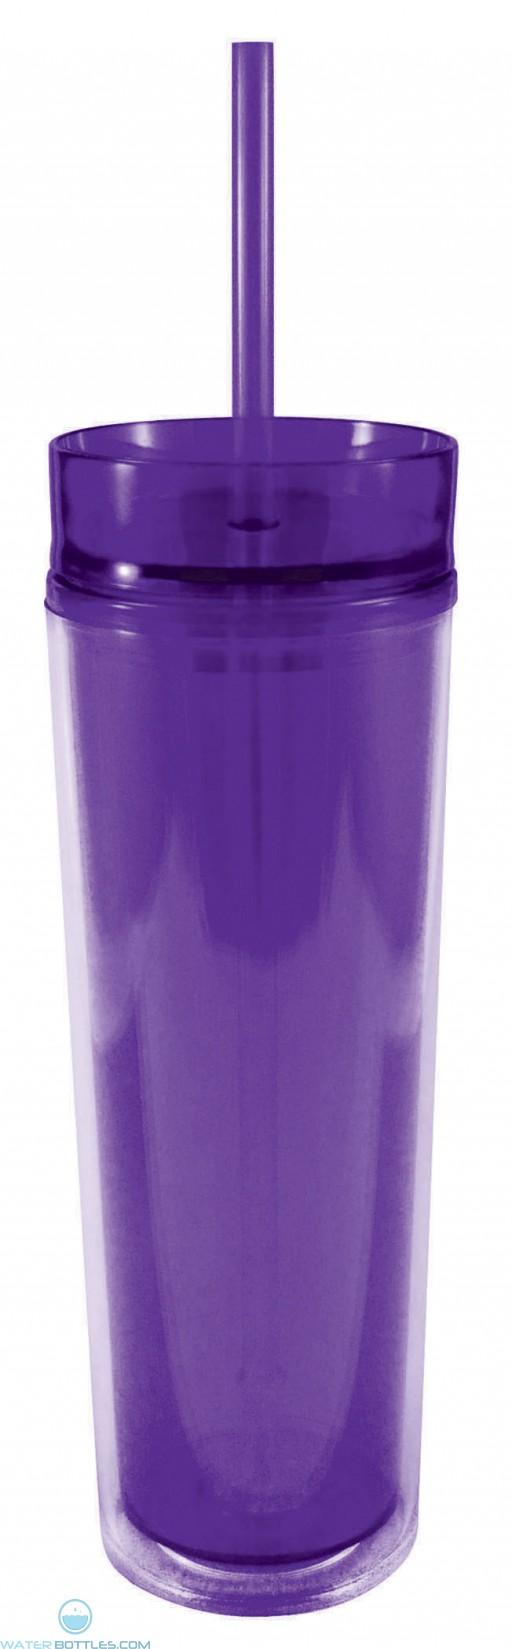 Slender Sip Tumblers | 16 oz - Purple